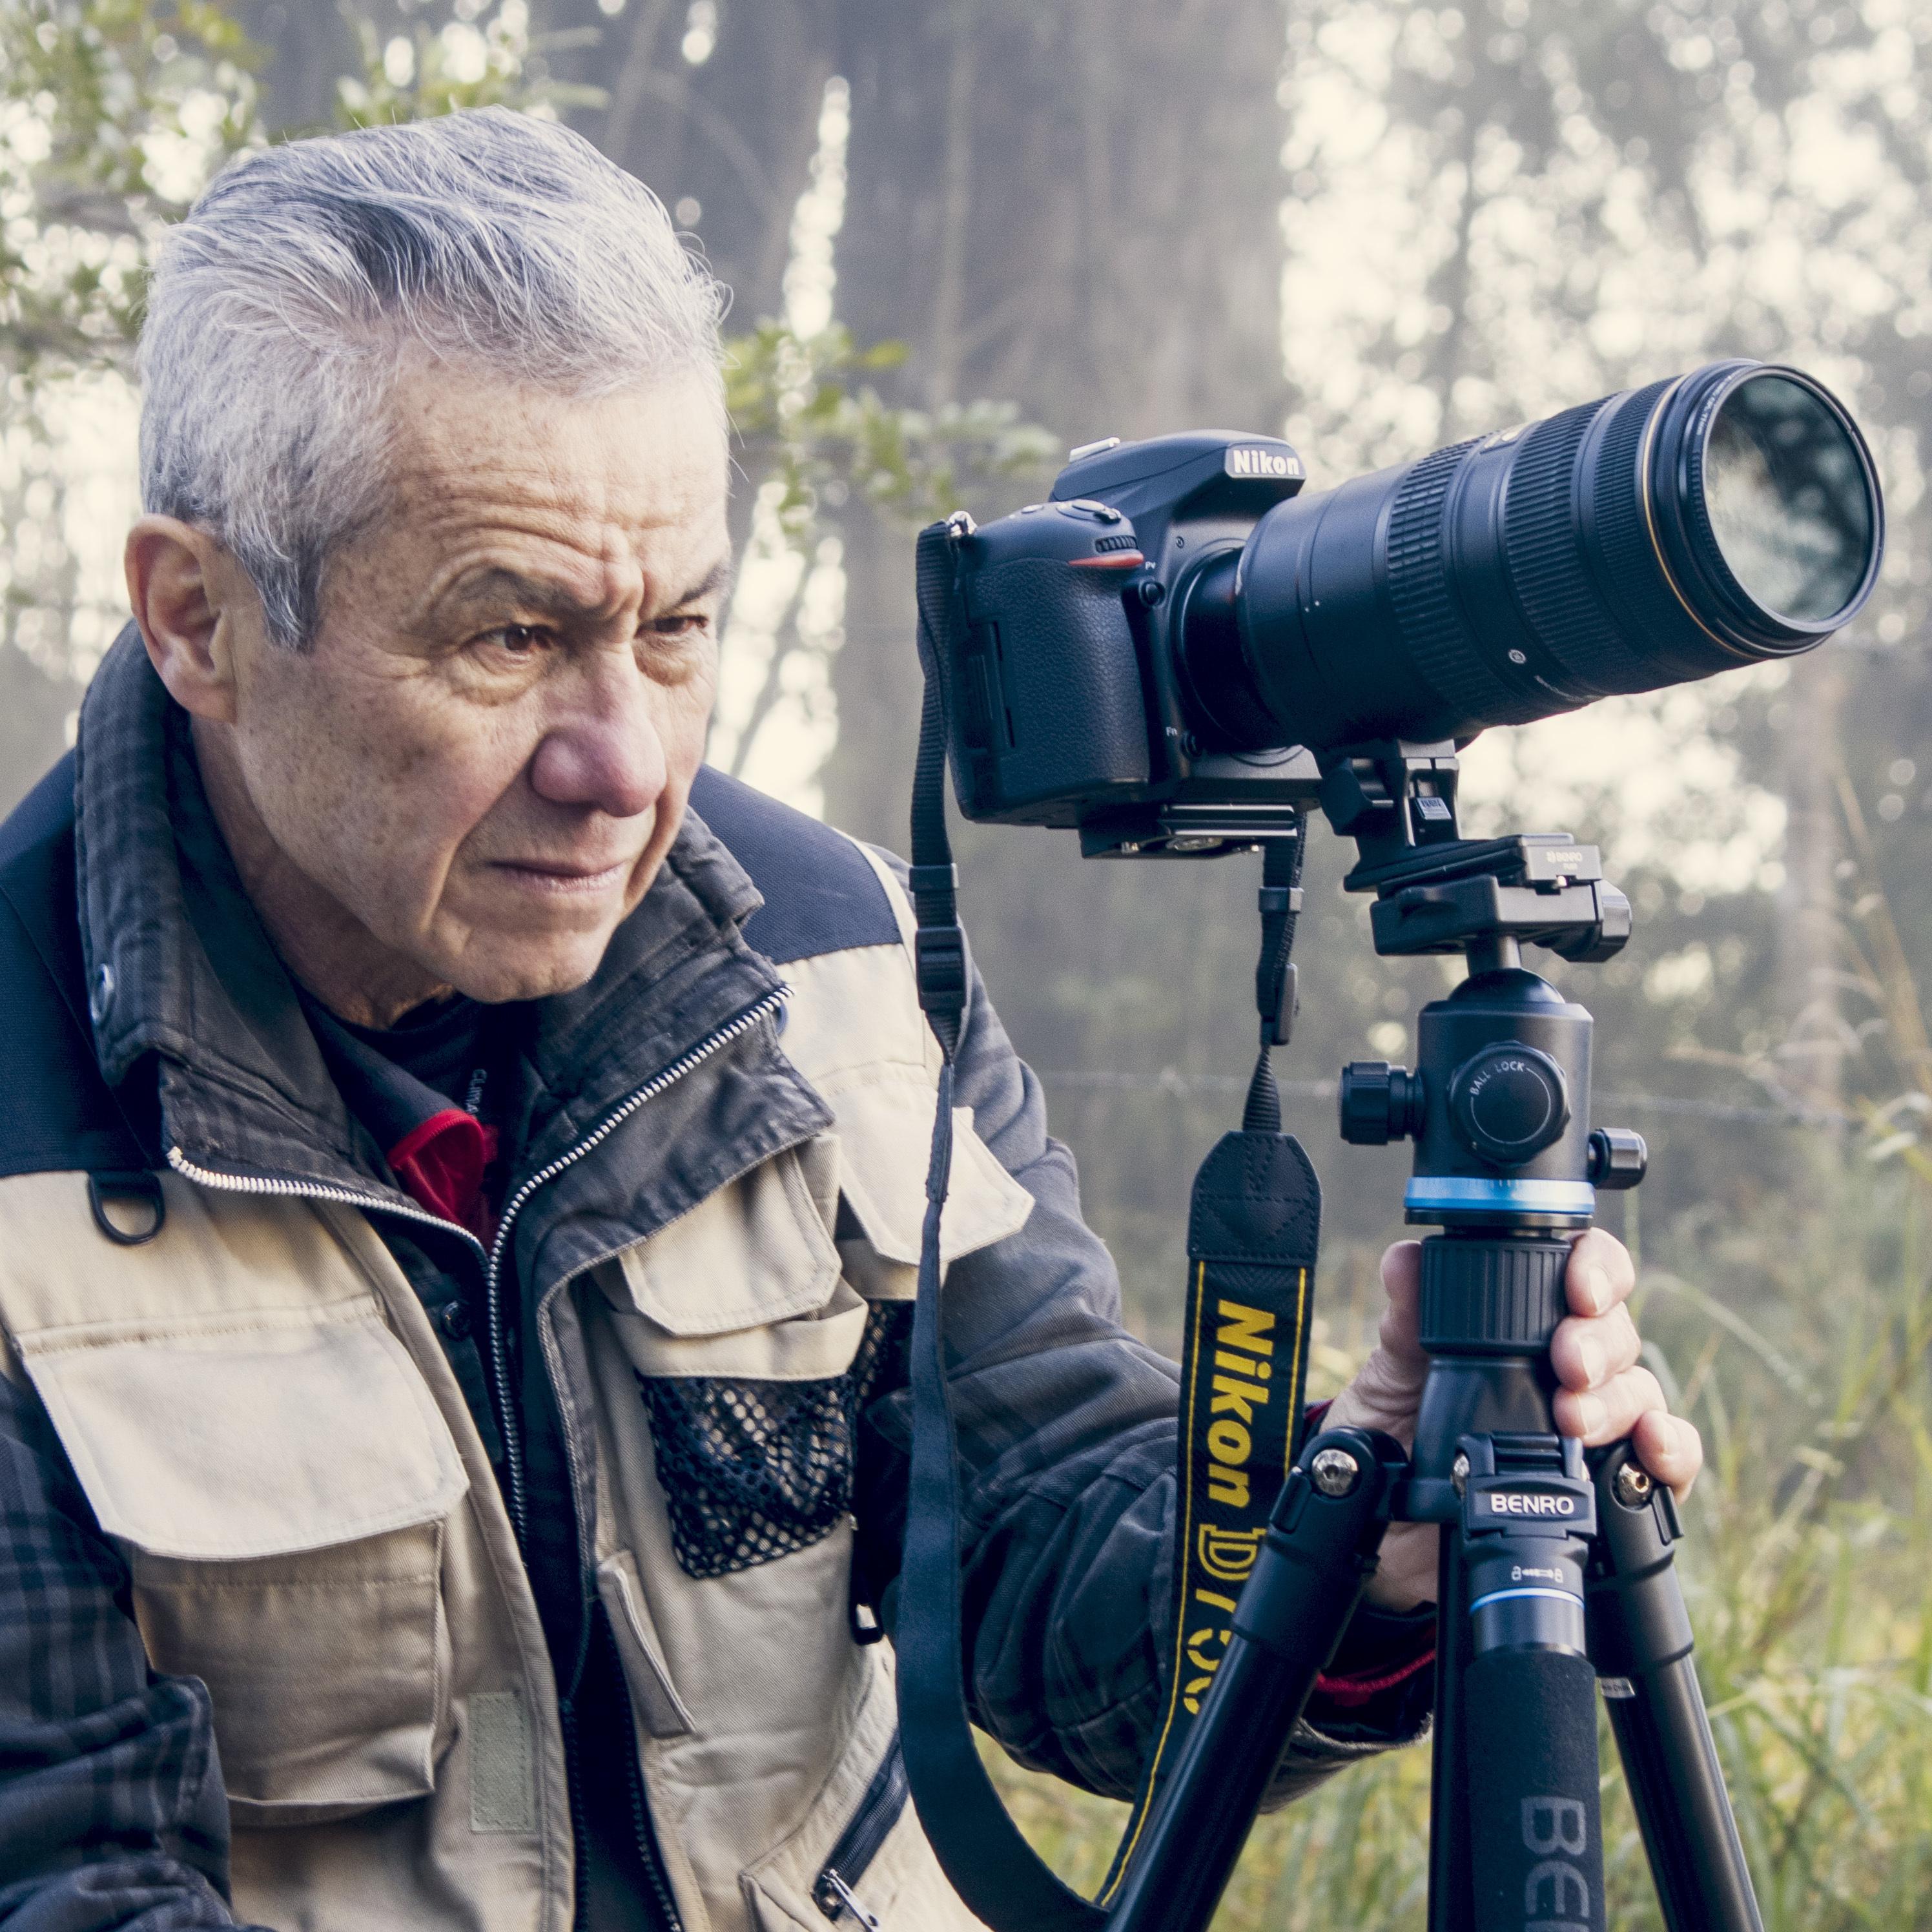 Sobre Fotógrafo de Quadros para Ambientes - Art em Quadros com Inspiração- Milton Nitta - Curitiba - Pr